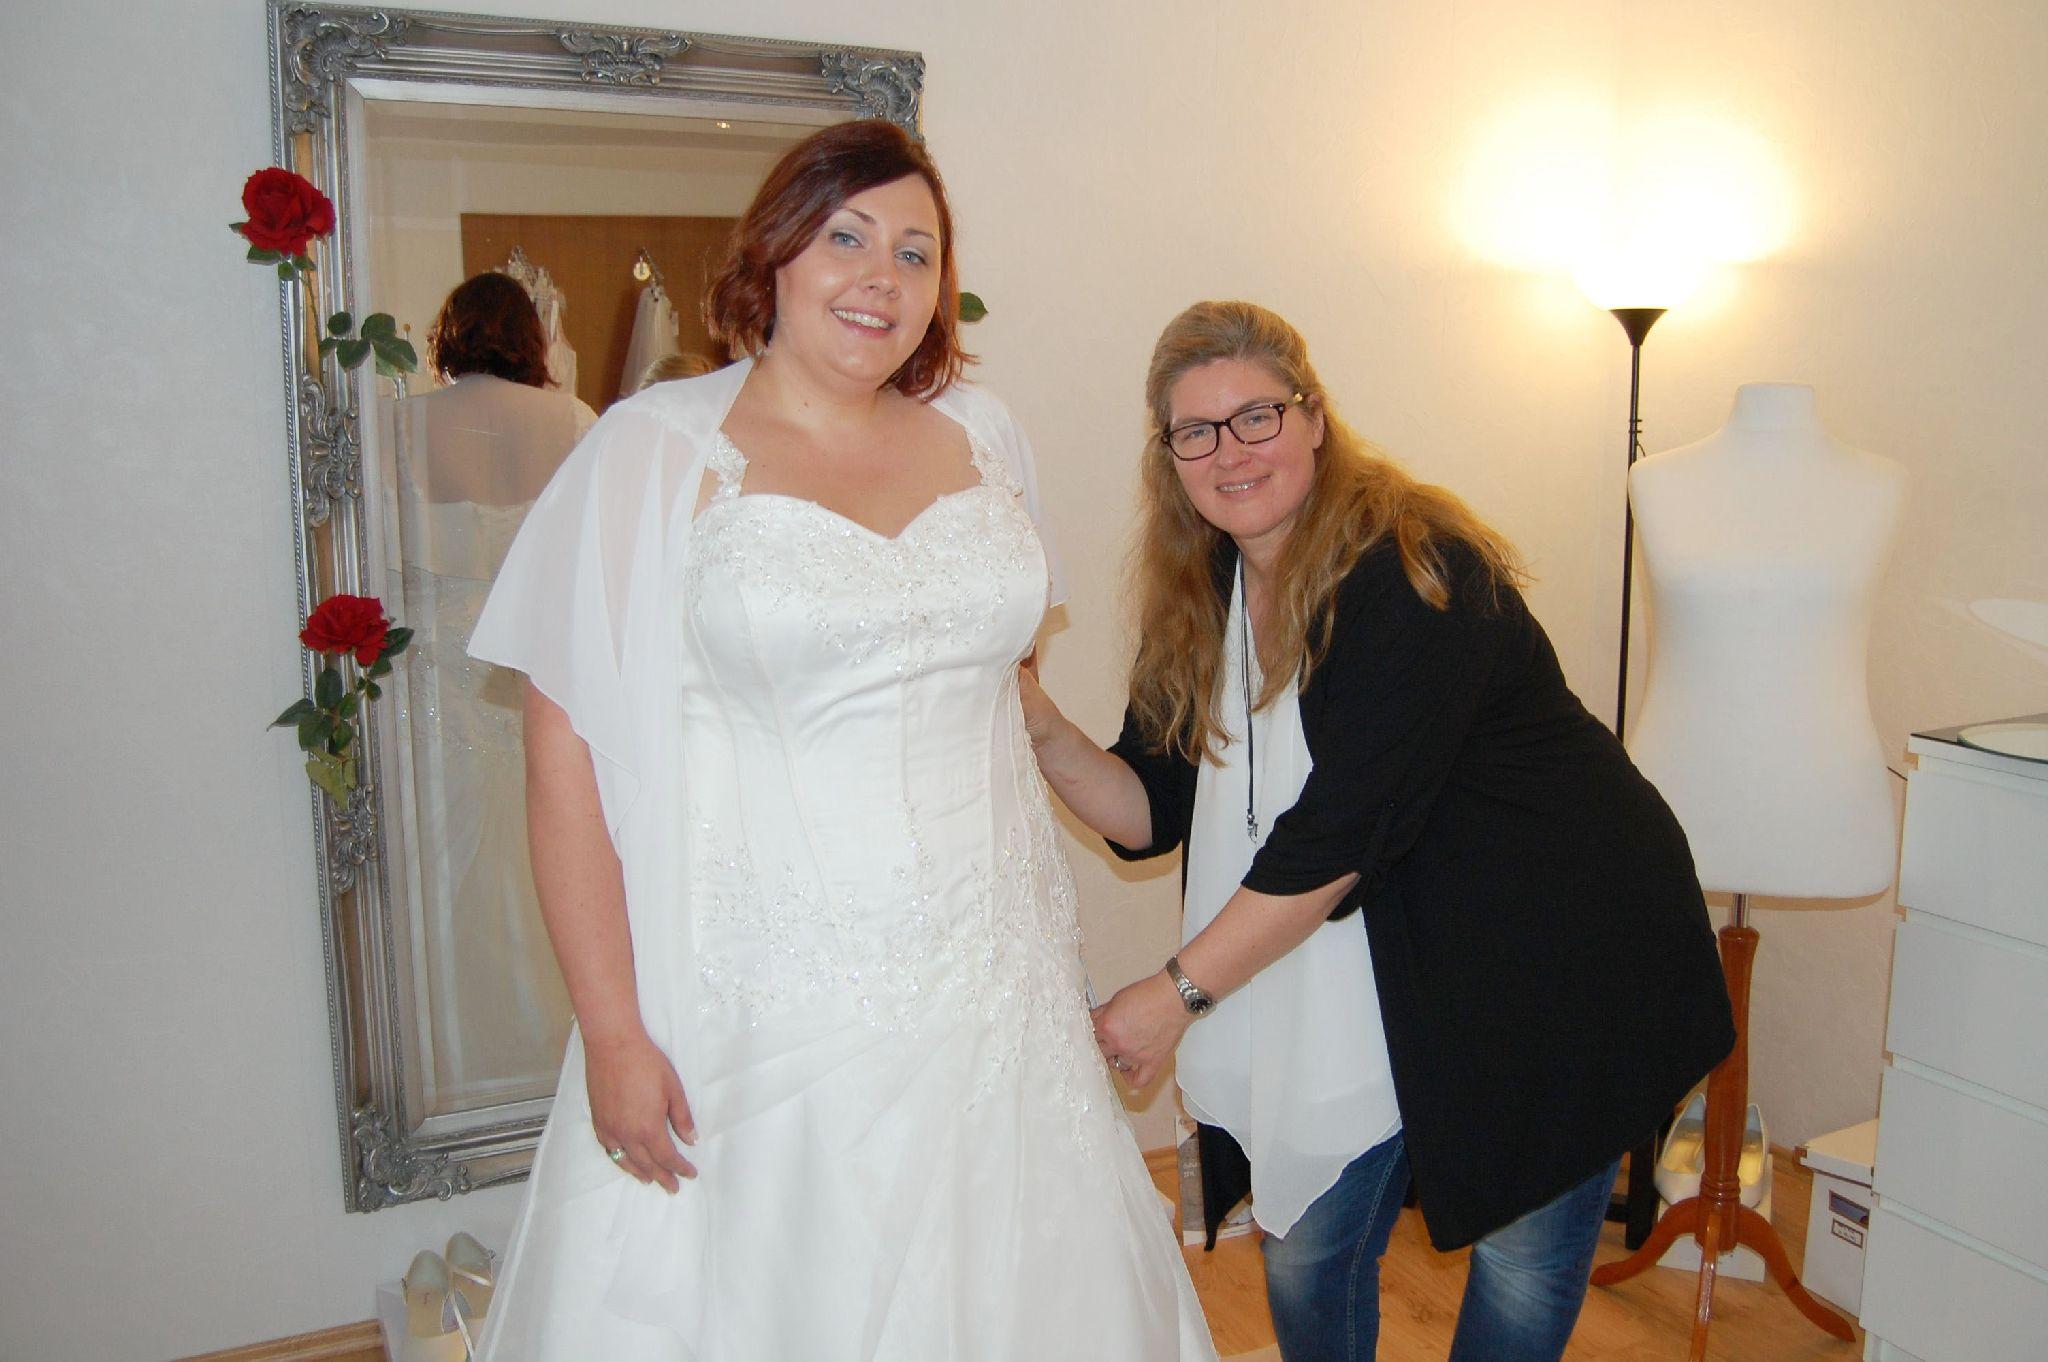 Brautmode In Ubergrosse Und Brautkleider In Xxl Laden Von Cornelia